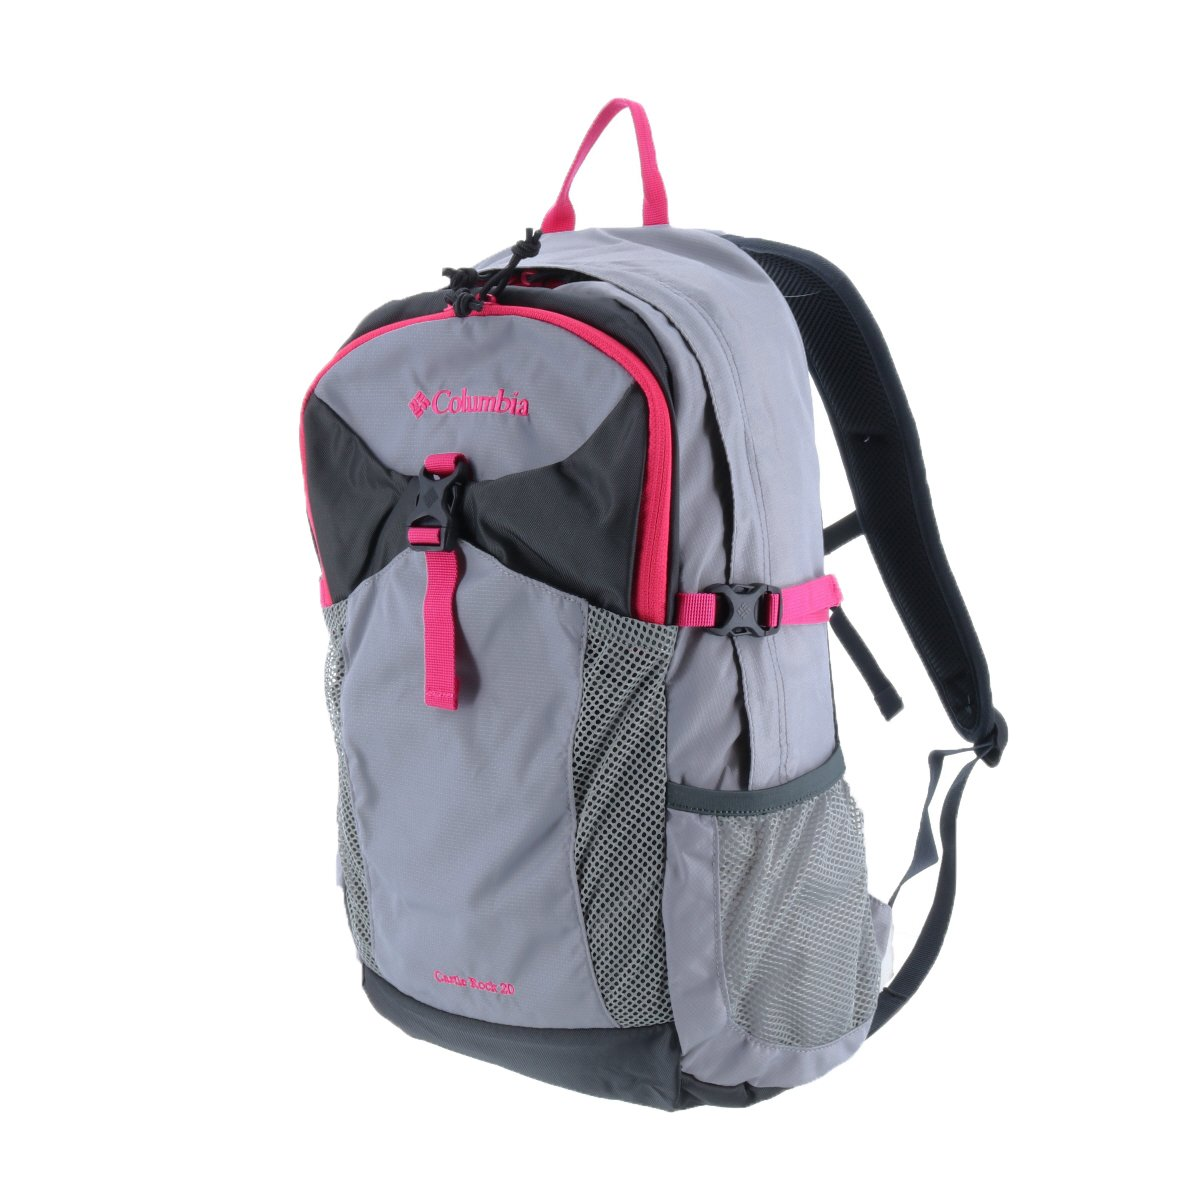 (コロンビア) Columbia リュックサック デイパック [Castle Rock 20L Backpack II] B07CLJK7Y4 3.コロンビアグレー 3.コロンビアグレー